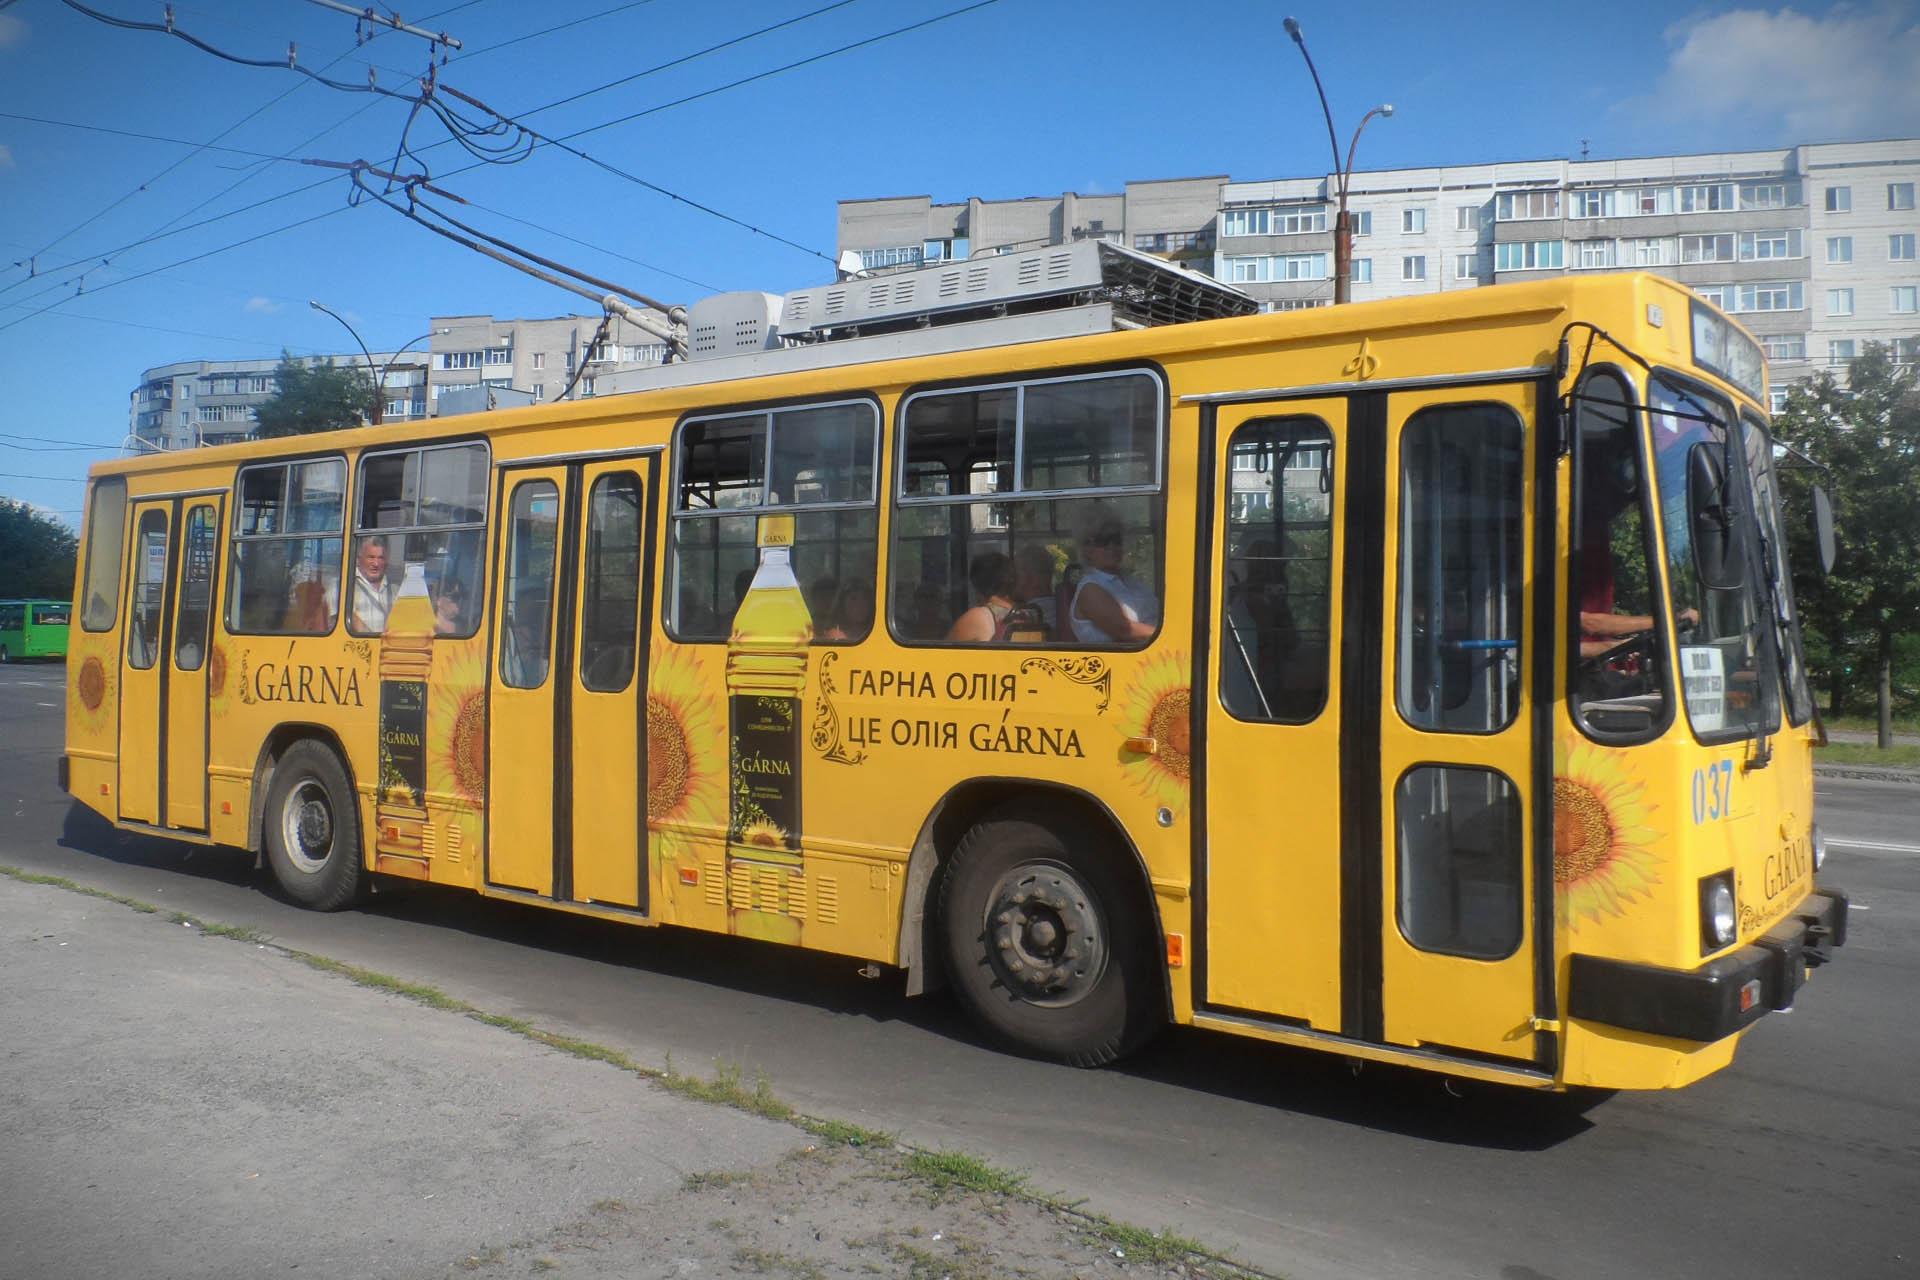 Брендирование транспорта, реклама на транспорте, реклама на троллейбусе, брендирование троллейбуса, апельсин сумы, реклама сумы